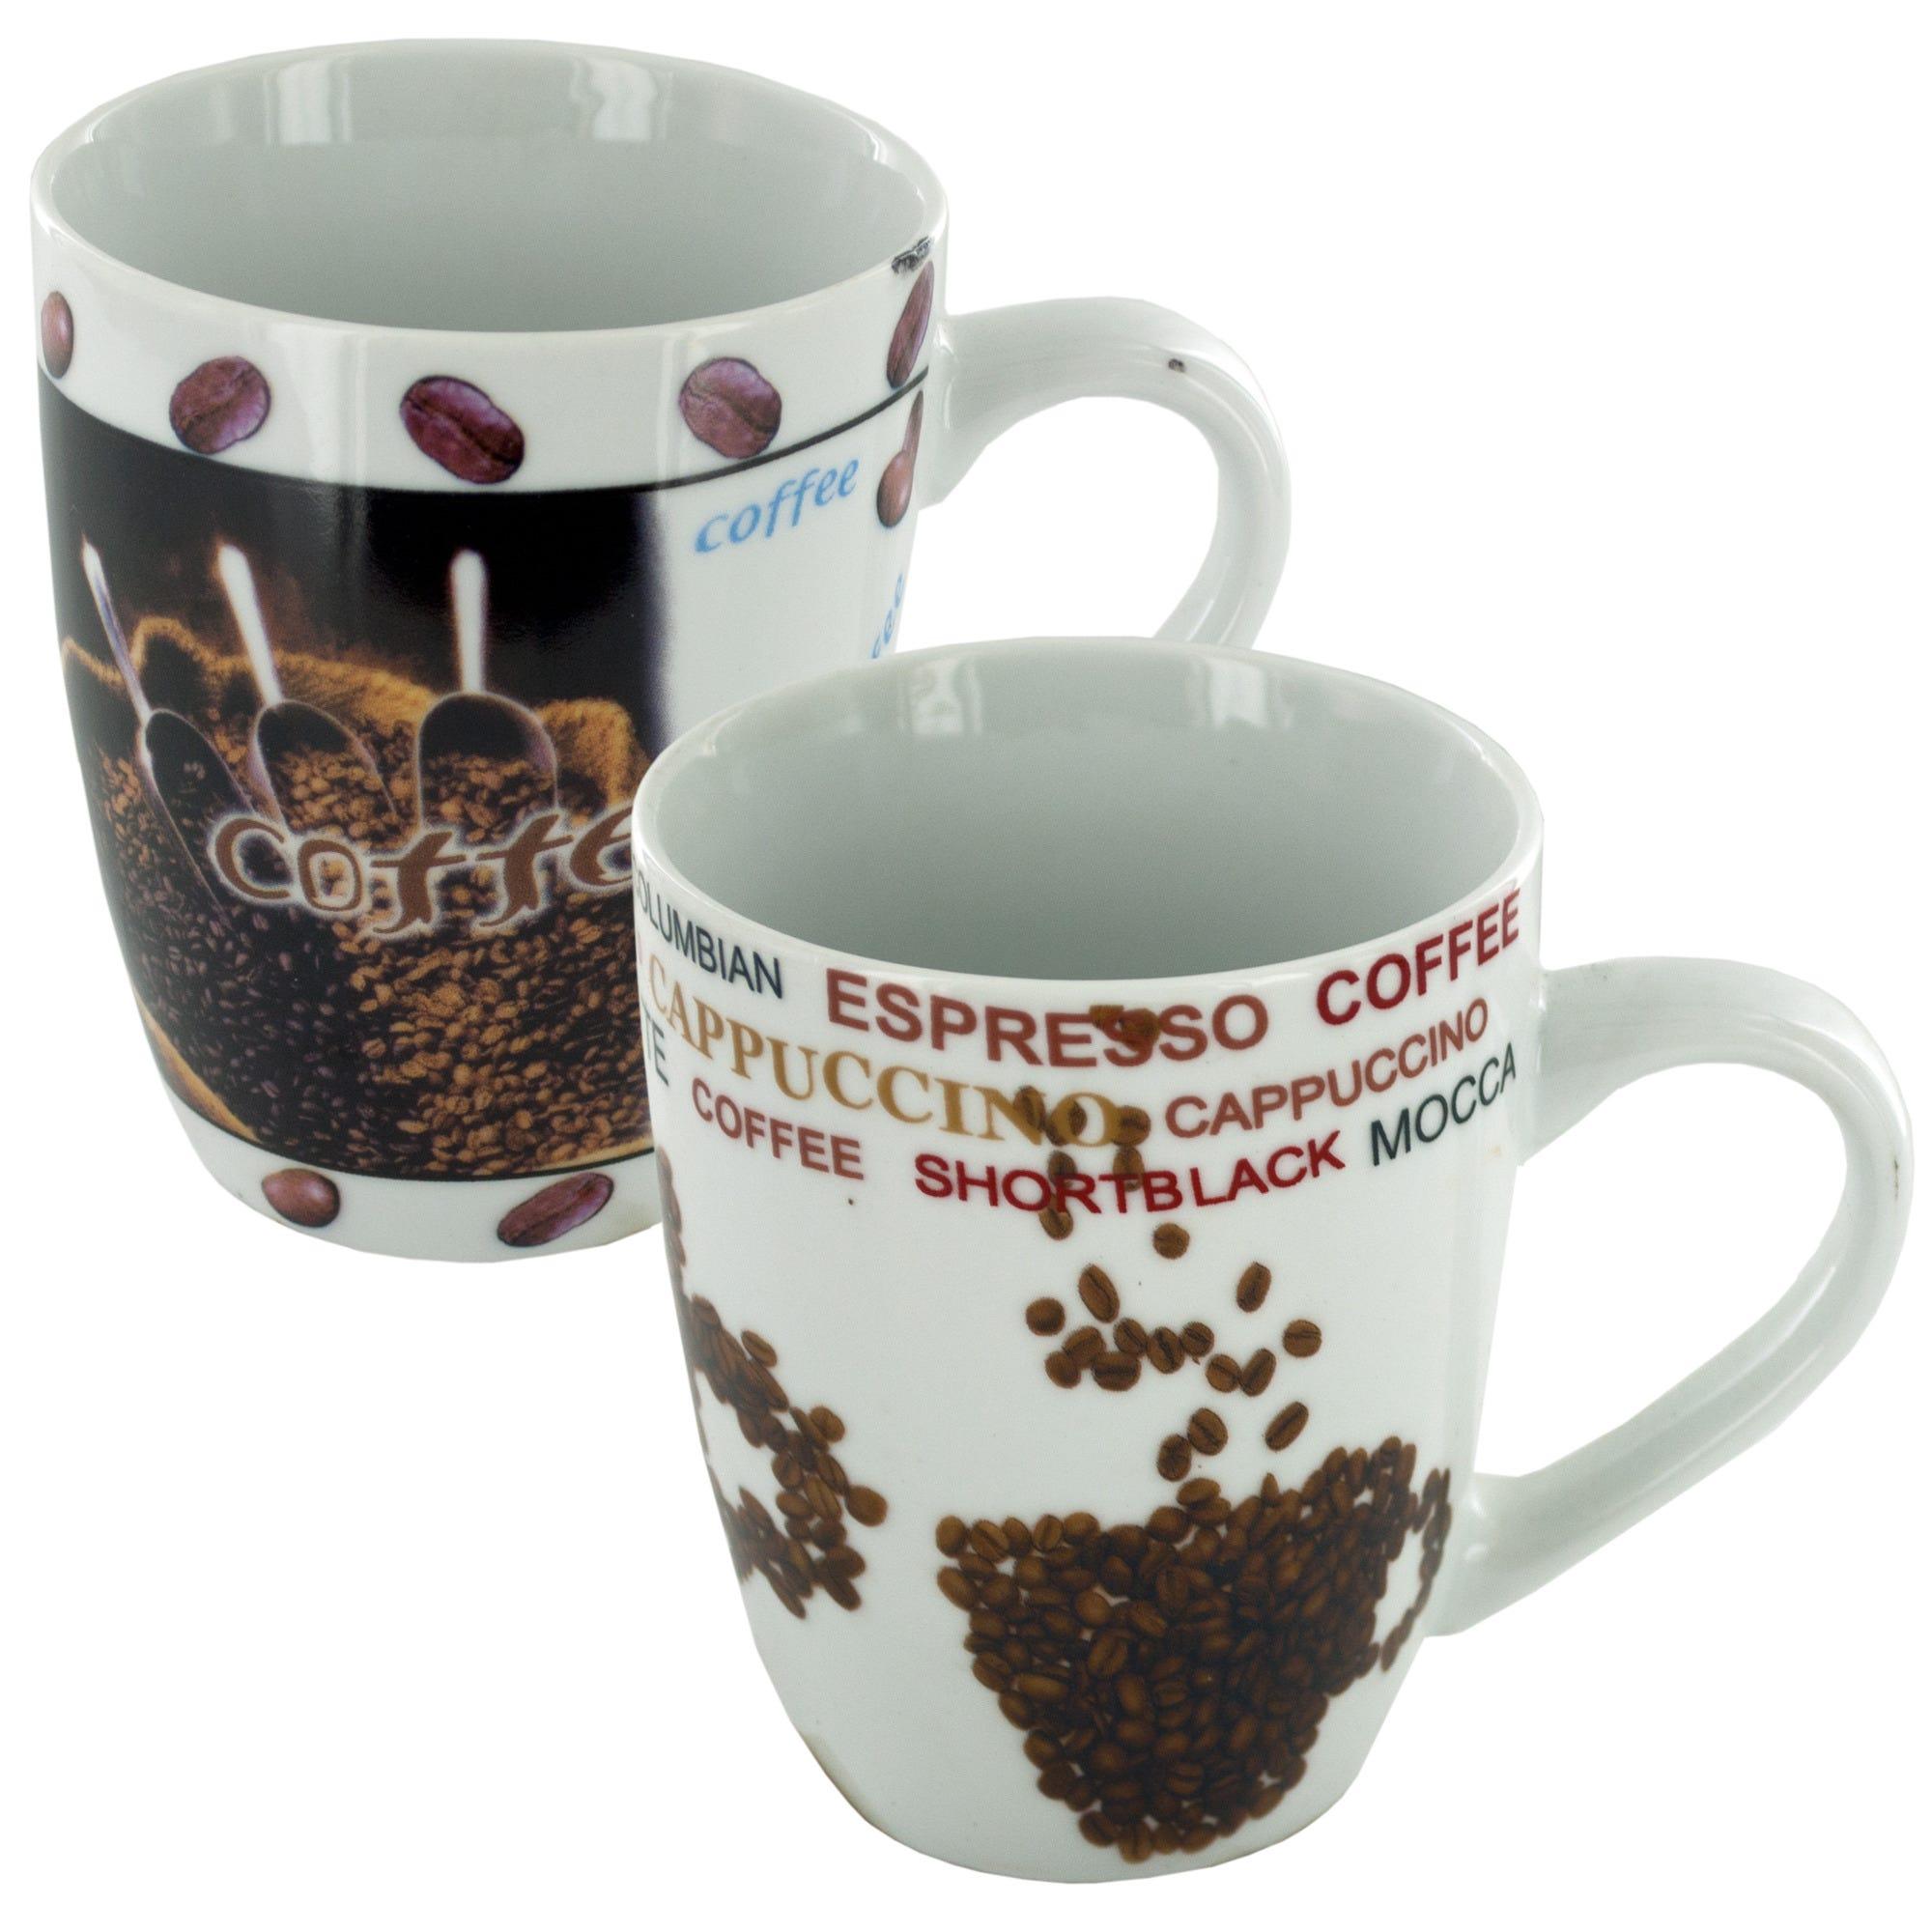 12-oz-COFFEE-beans-ceramic-mug